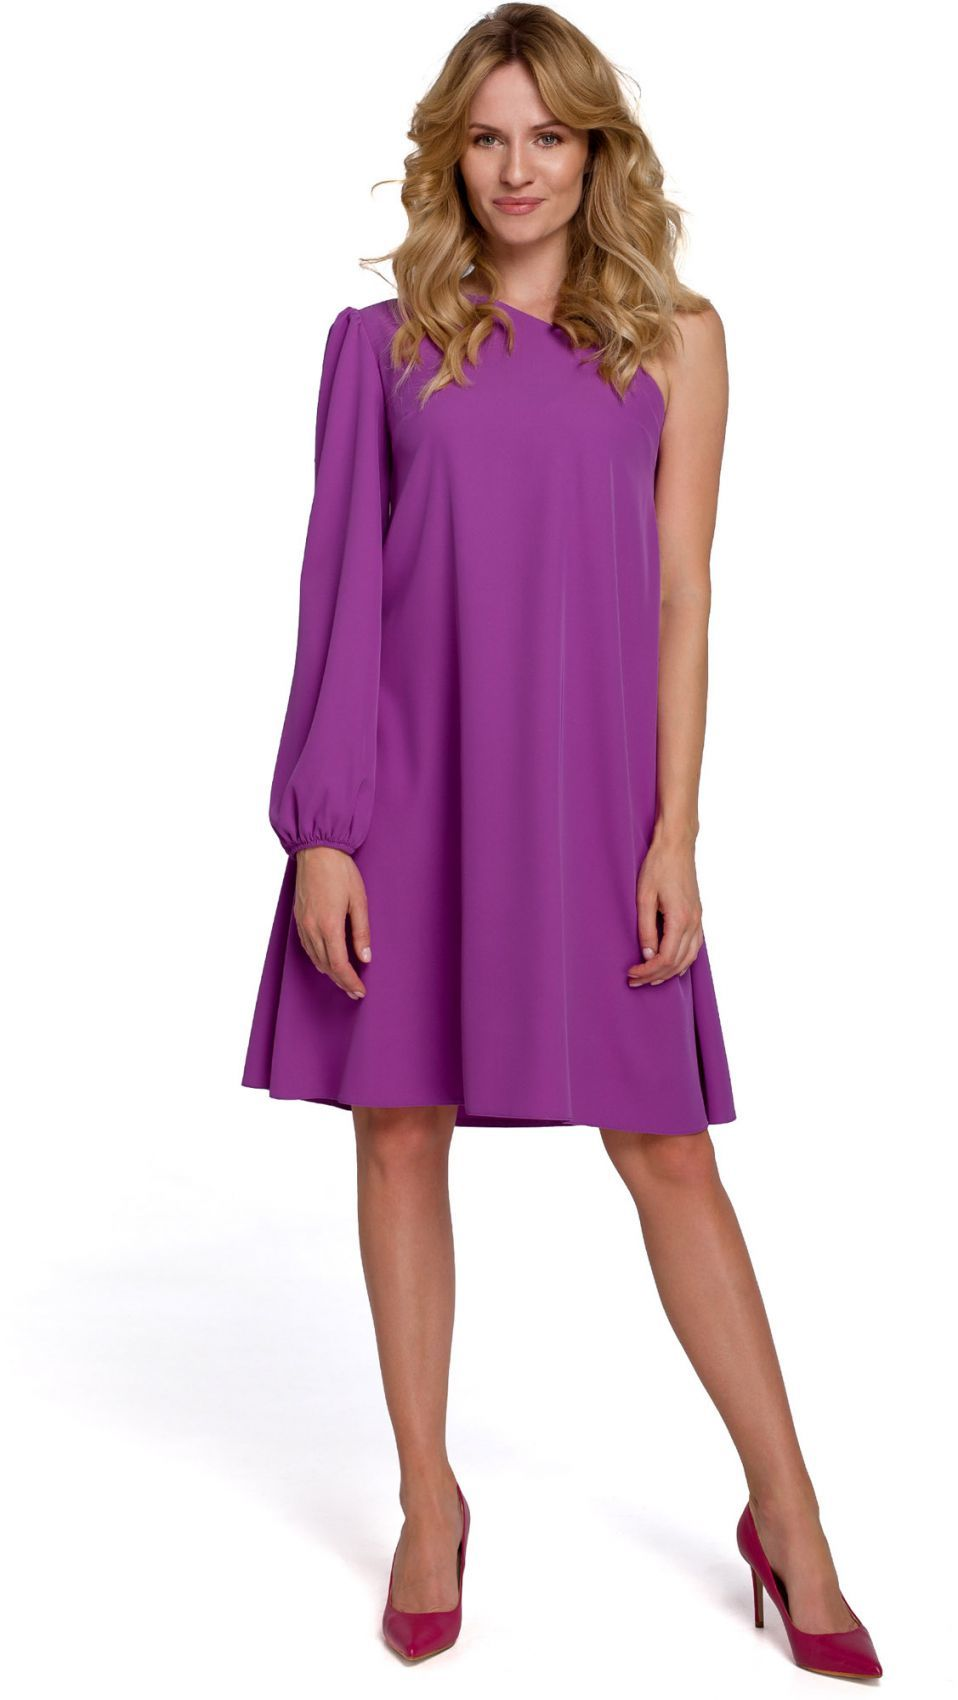 K081 Sukienka na jedno ramię - lawendowa